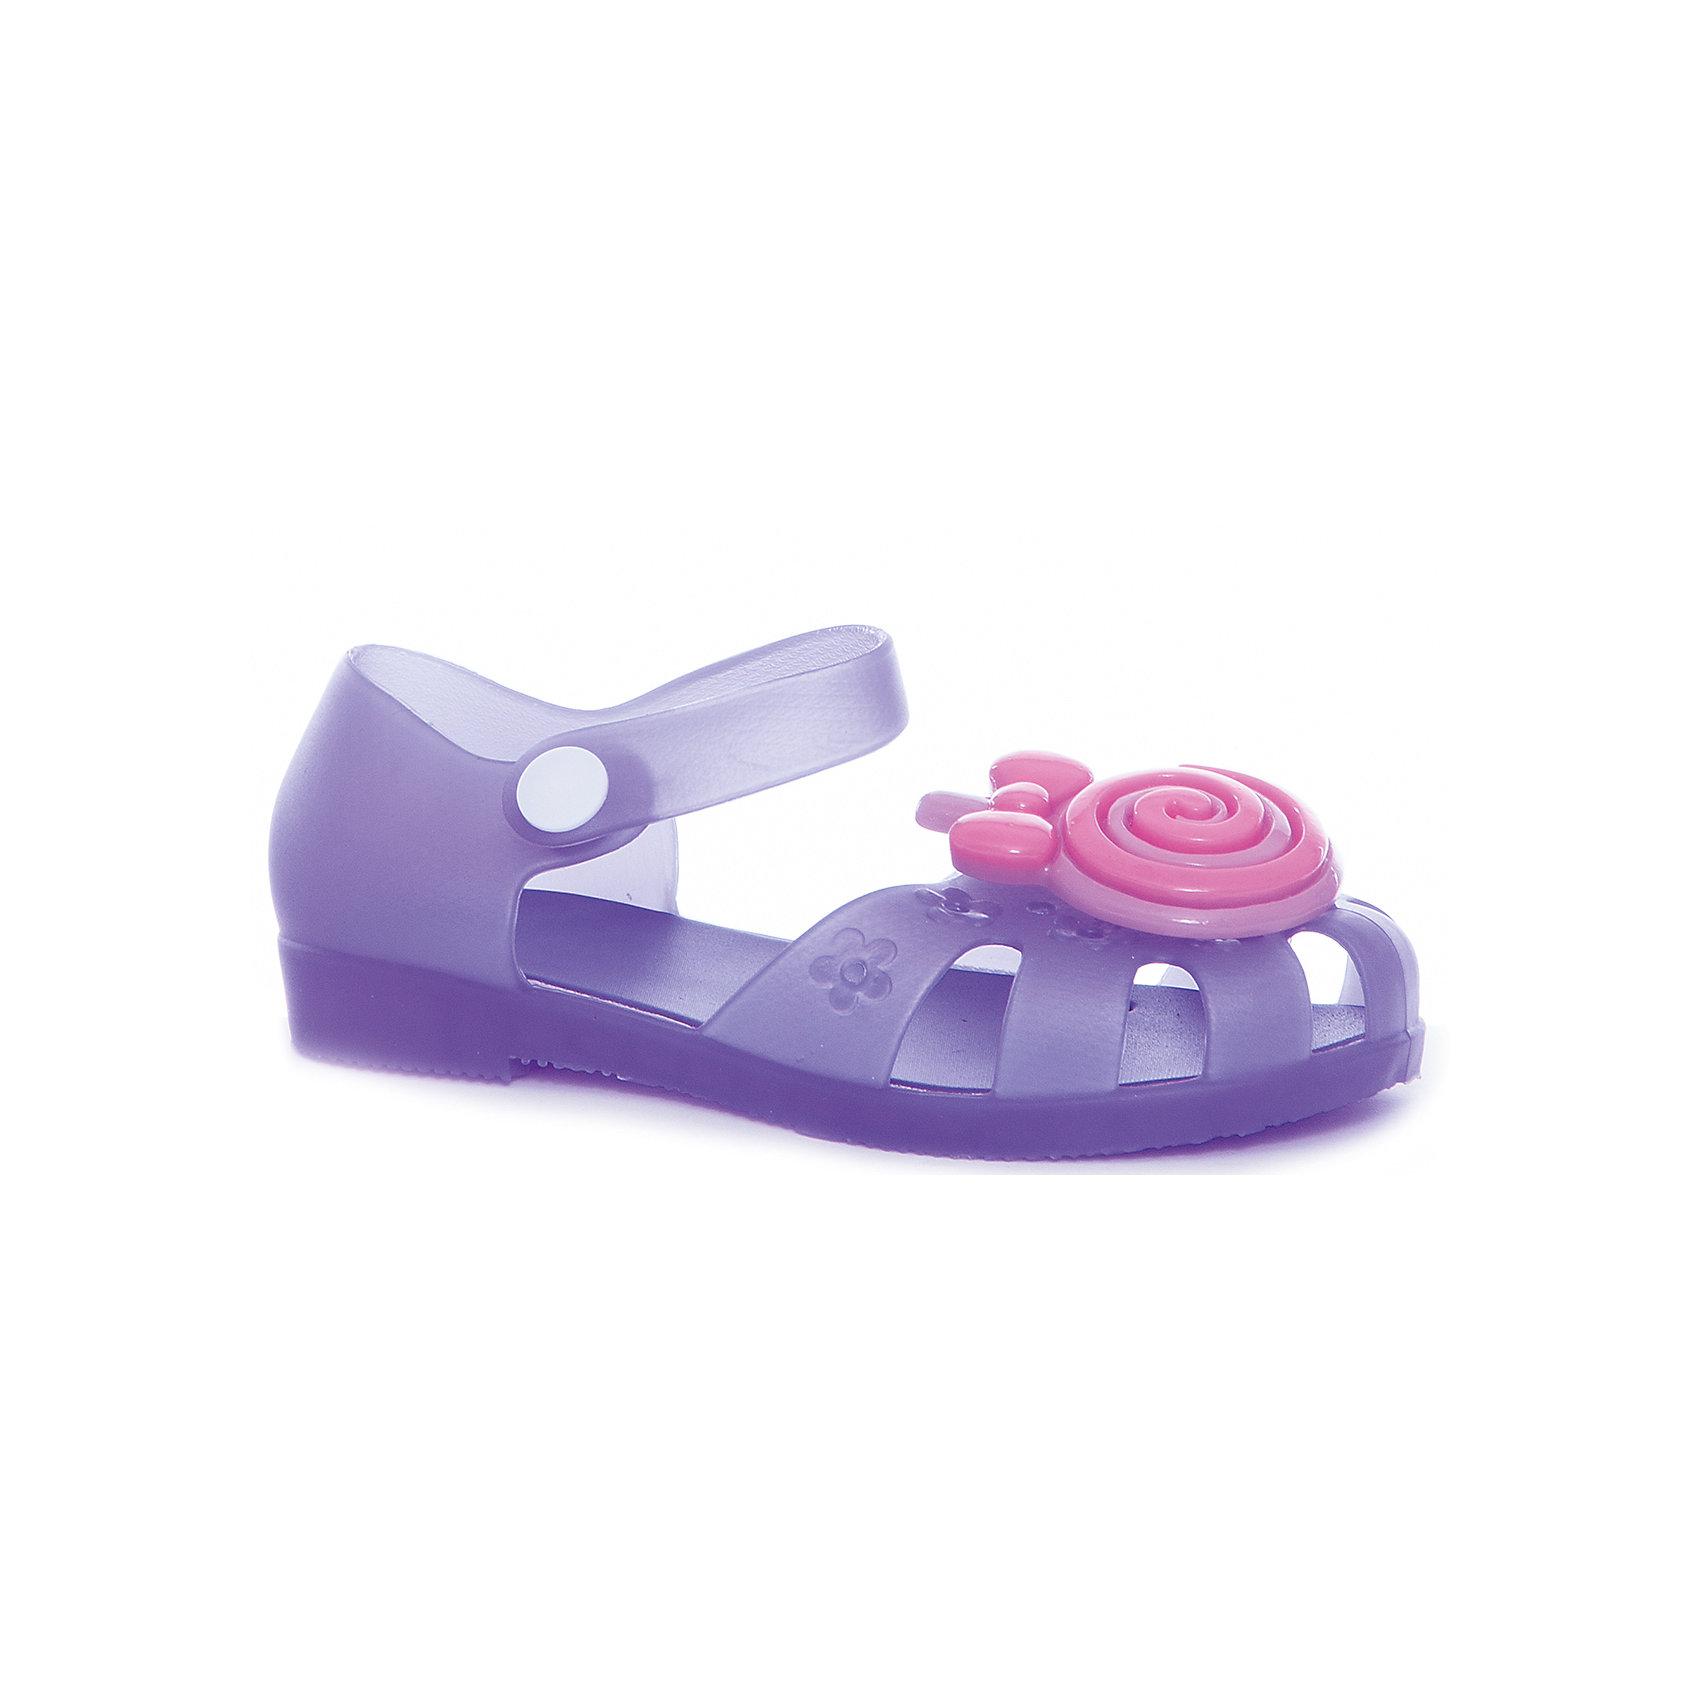 Сандалии для девочки MURSUПляжная обувь<br>Характеристики товара:<br><br>• цвет: фиолетовый<br>• внешний материал: ПВХ<br>• внутренний материал: ПВХ<br>• стелька: ПВХ<br>• подошва: ПВХ<br>• облегчённая модель<br>• подходит для пляжа <br>• можно плавать и ходить по камням не боясь пораниться<br>• отверстия для вентиляции<br>• устойчивая подошва<br>• страна бренда: Финляндия<br>• страна изготовитель: Китай<br><br>Детям для правильного развития стопы и всего организма необходима качественная обувь. Эта удобная пляжная обувь поможет создать ногам ребенка комфортные условия, благодаря продуманной конструкции она отлично сидит на ноге. Это отличный вариант правильной и красивой детской обуви!<br><br>Туфли от финского бренда MURSU (МУРСУ) можно купить в нашем интернет-магазине.<br><br>Ширина мм: 248<br>Глубина мм: 135<br>Высота мм: 147<br>Вес г: 256<br>Цвет: фиолетовый<br>Возраст от месяцев: 21<br>Возраст до месяцев: 24<br>Пол: Женский<br>Возраст: Детский<br>Размер: 24,29,25,26,27,28<br>SKU: 5326107